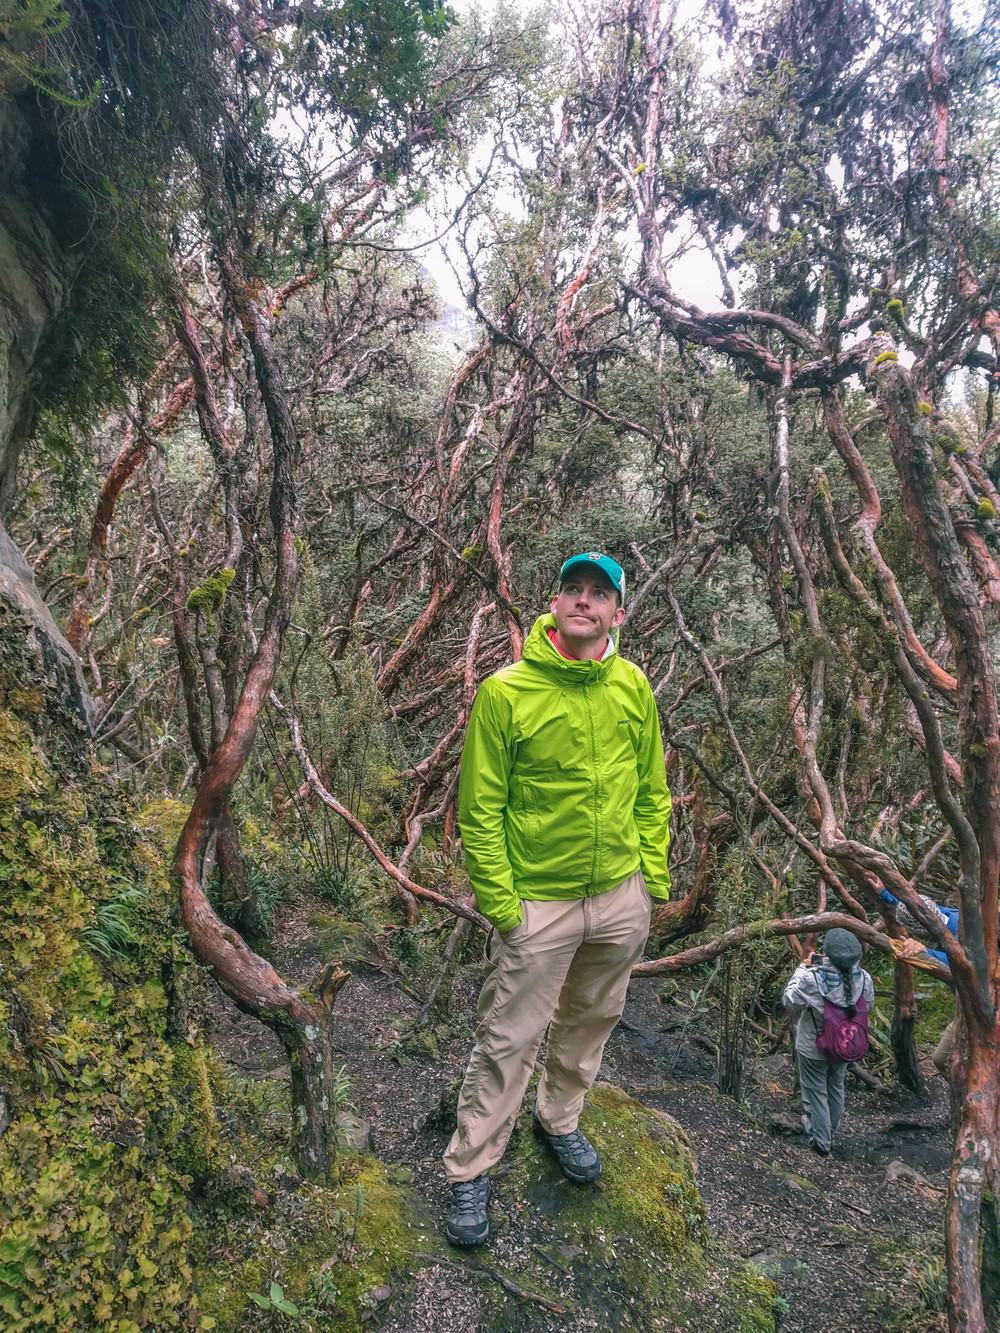 Fairy Forest in Parque Cajas, Ecuador